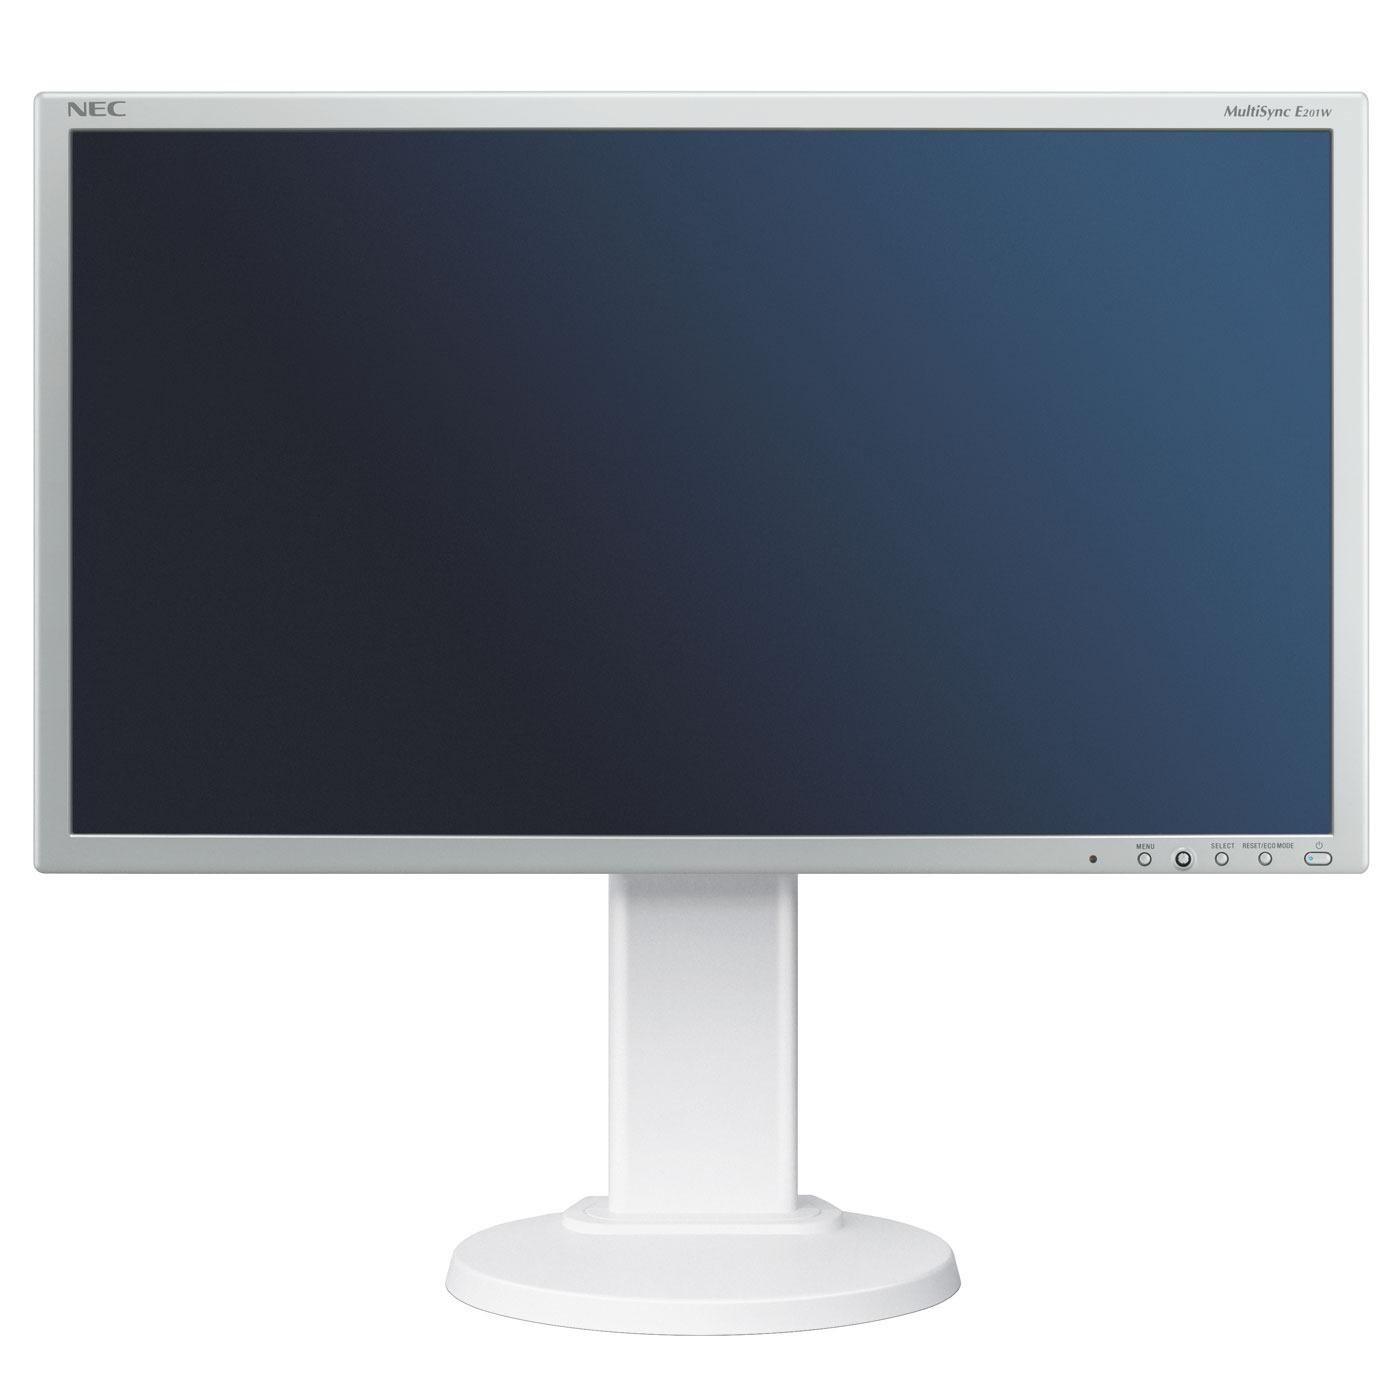 """Ecran PC NEC 20"""" LED - MultiSync E201W 1600 x 900 pixels - 5 ms (gris à gris) - Format large 16/9 - Pivot - Blanc (garantie constructeur 3 ans)"""